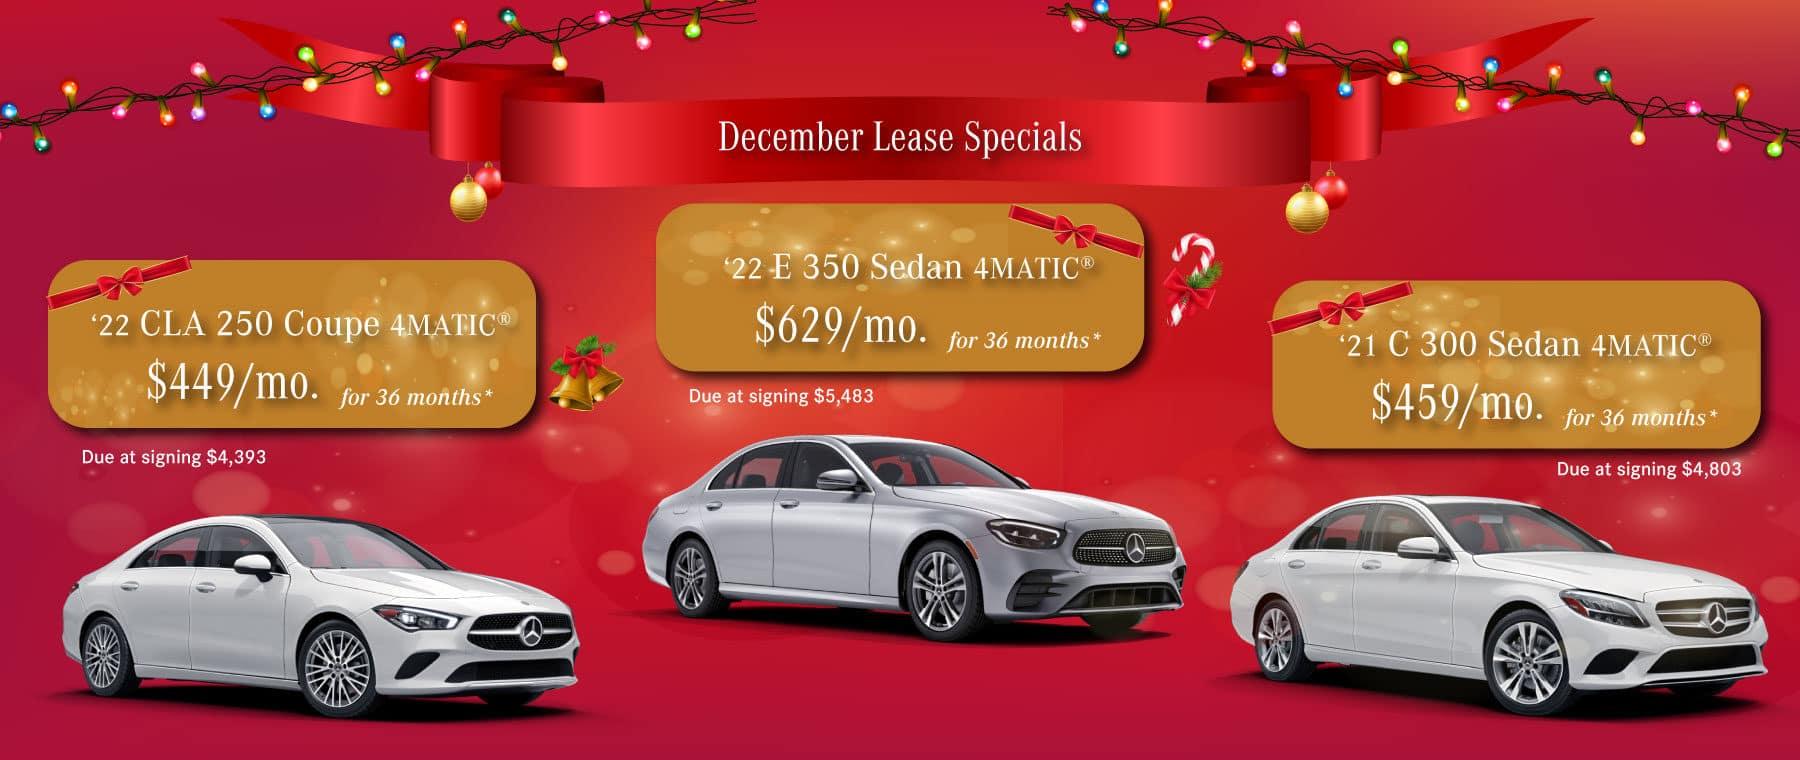 Mercedes-Benz of Atlantic City 2021 mercedes lease specials